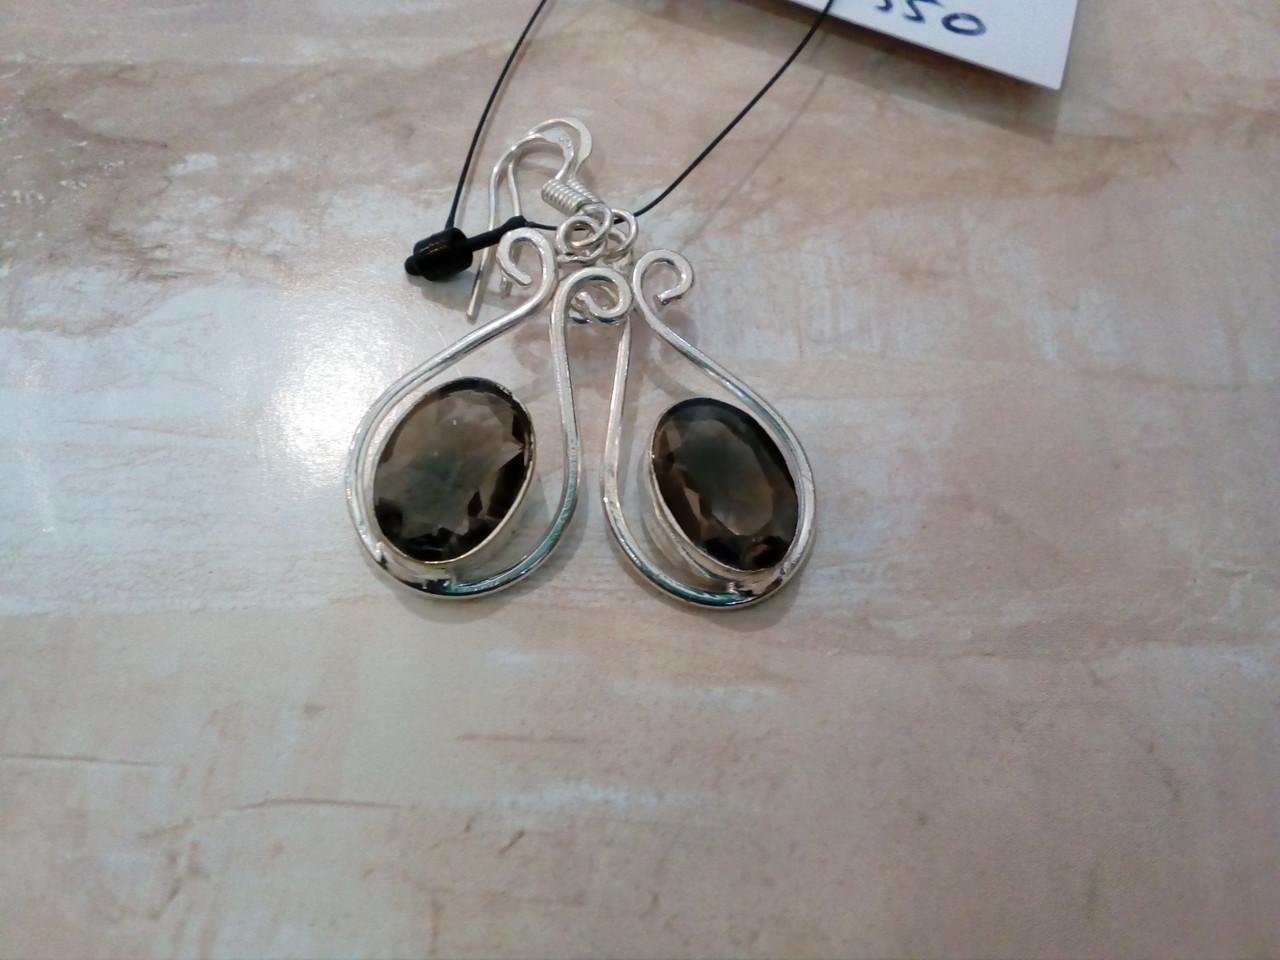 Элегантные серьги - раухтопаз (дымчатый кварц). Серьги с раухтопазом в серебре.